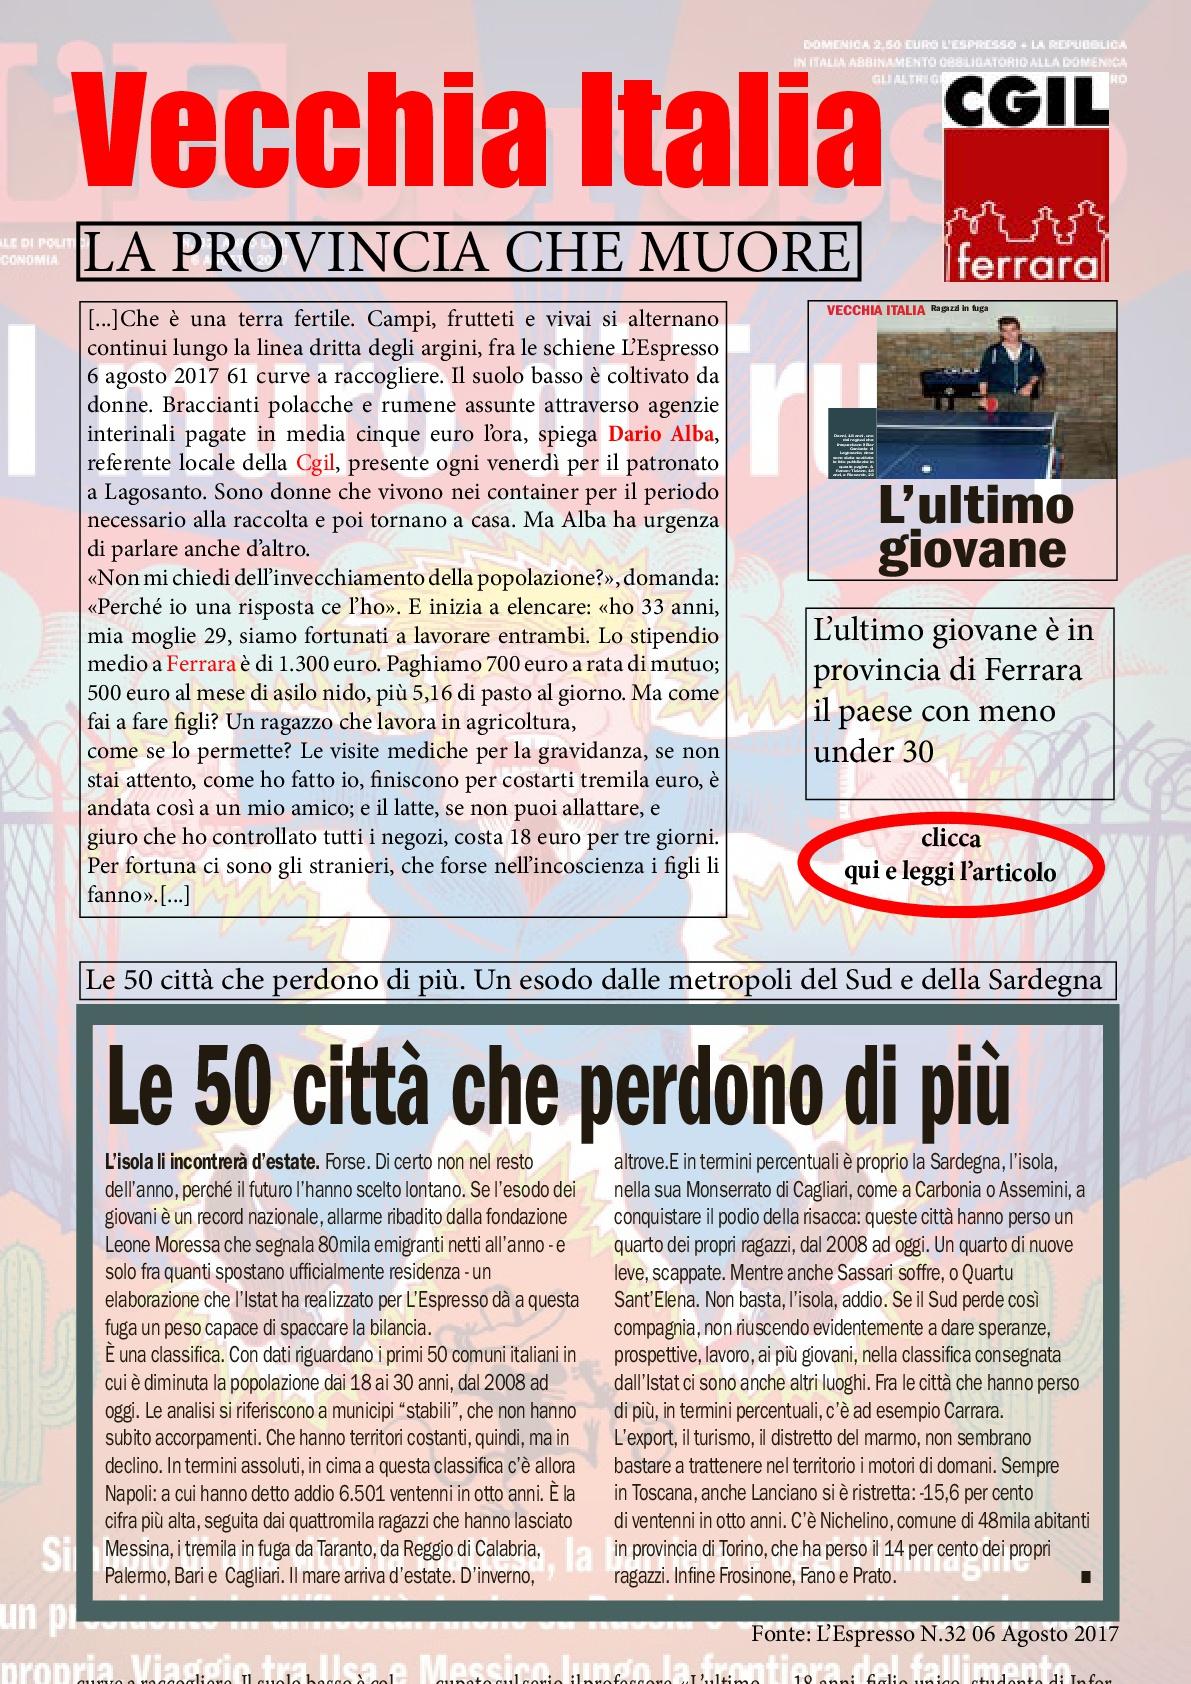 Vecchia Italia: la provincia che muore